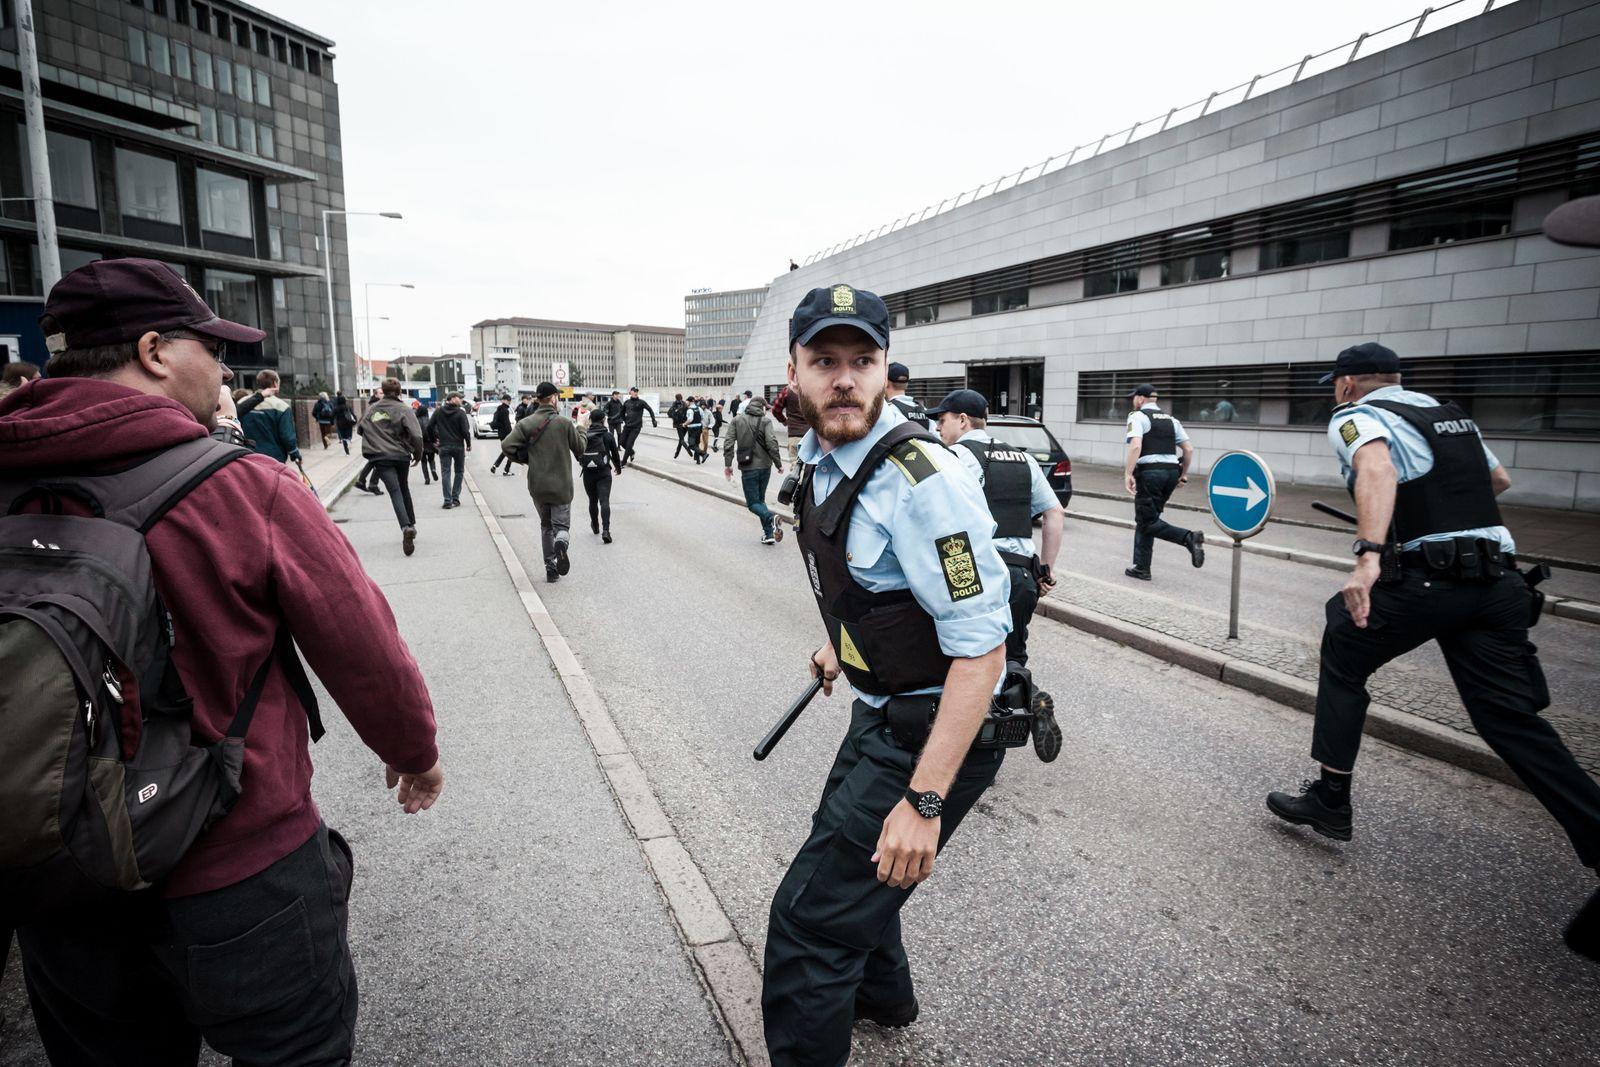 Violent clashes in Copenhagen